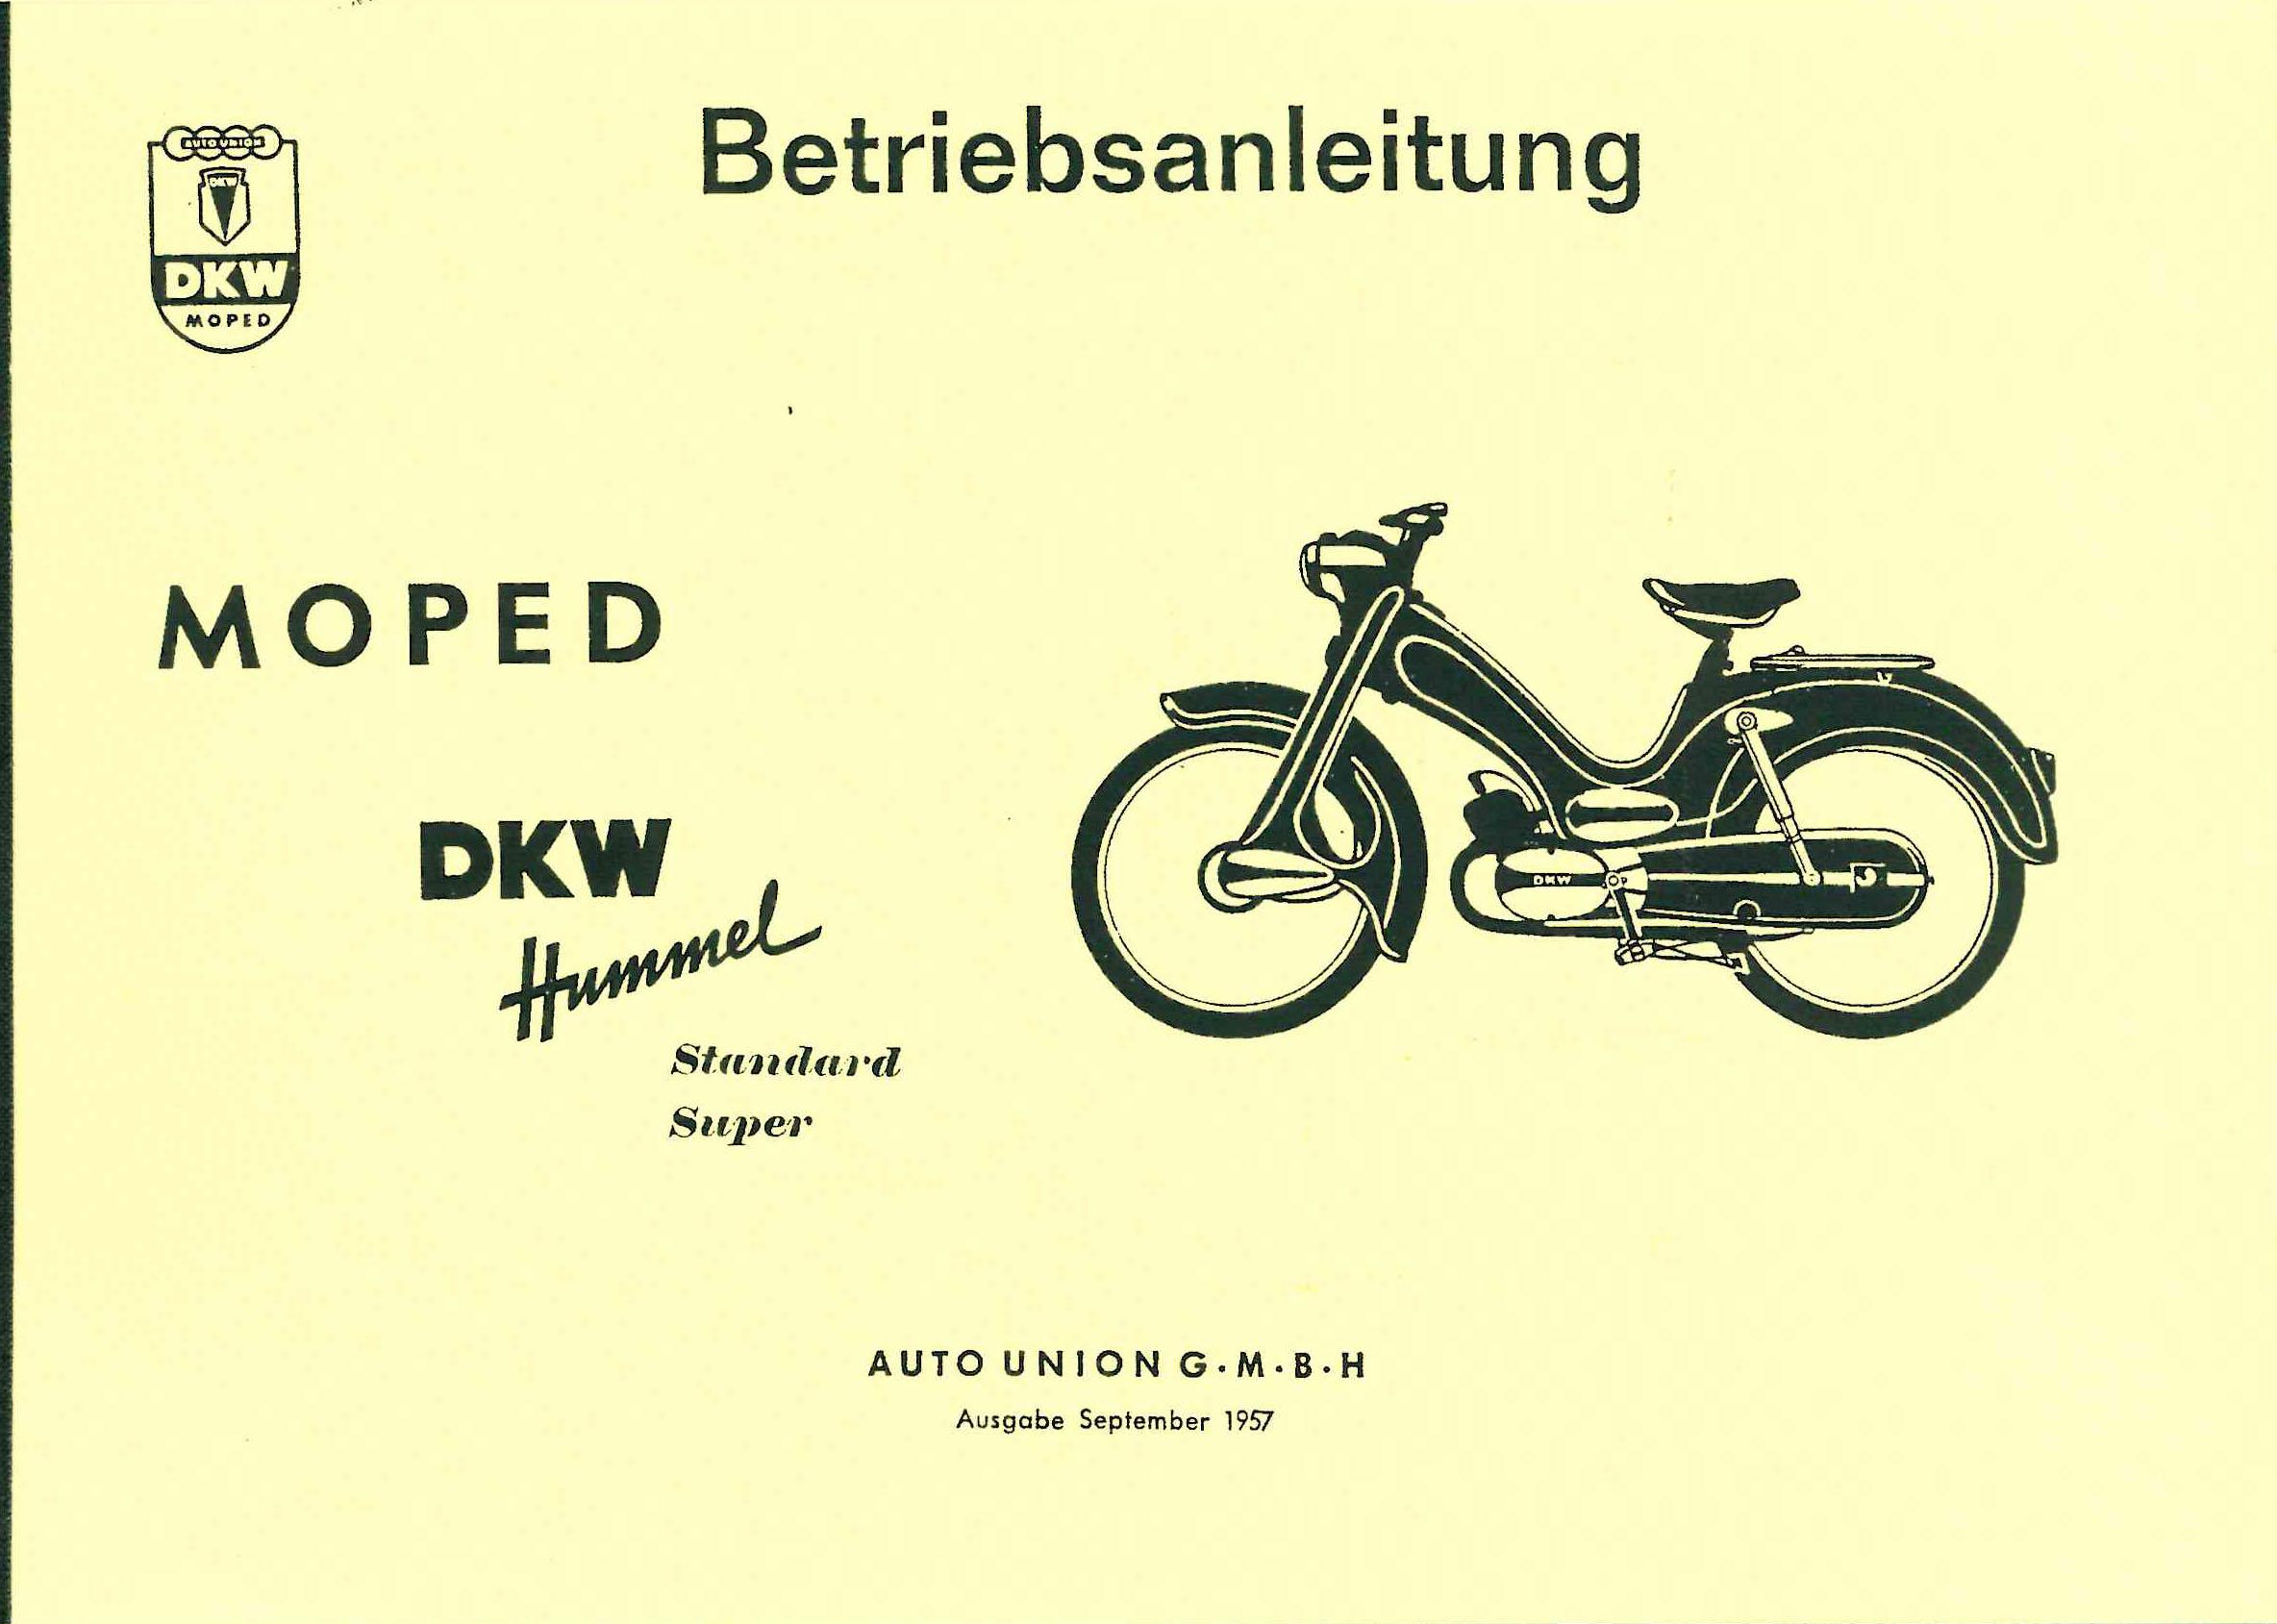 moped dkw hummel super standard bedienung. Black Bedroom Furniture Sets. Home Design Ideas